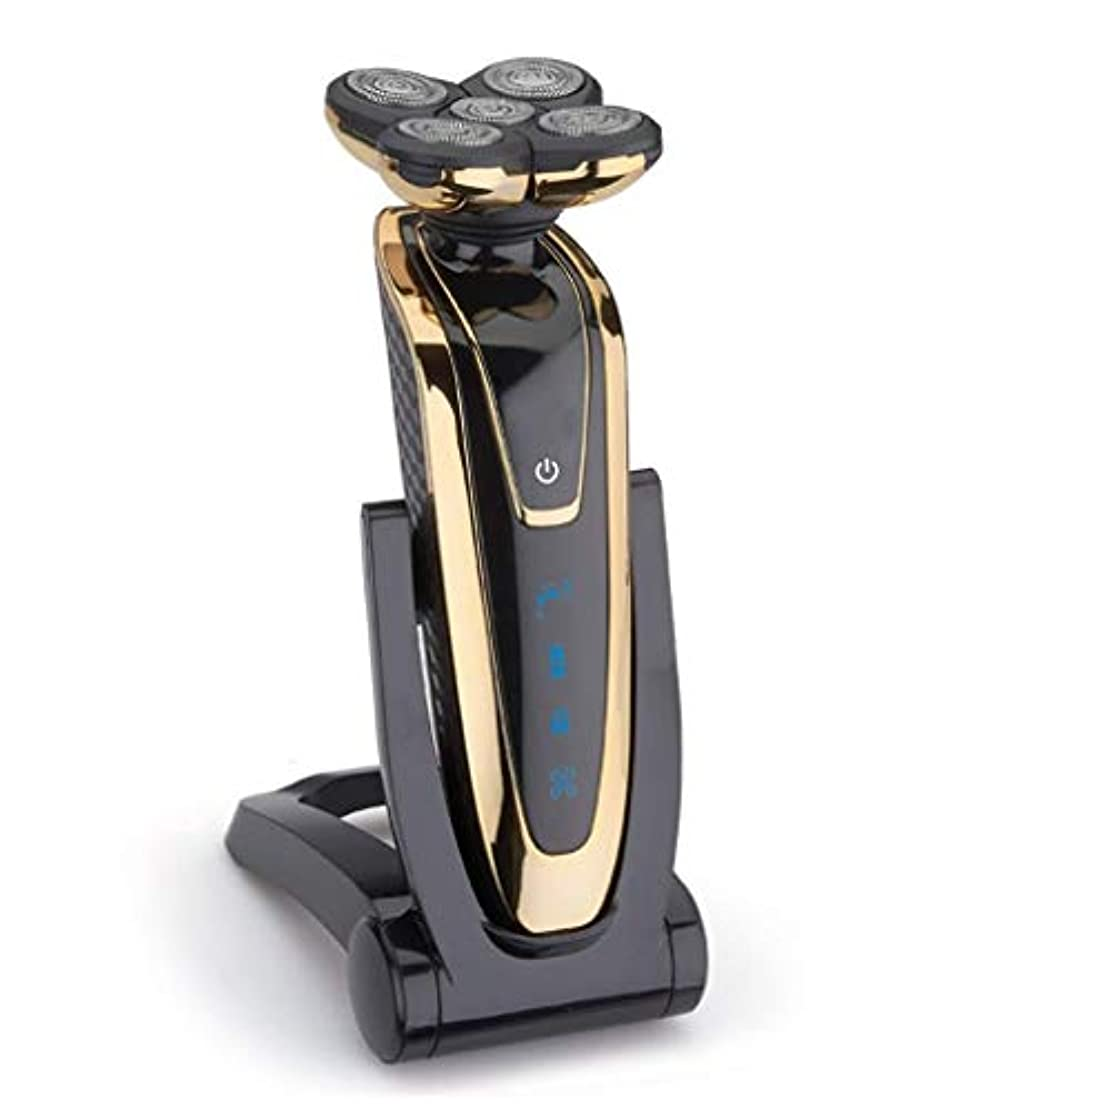 慎重本当のことを言うと運河BEIHUAN キット3D浮動ロータリーシェーバーコードレスバリカンあごひげ髪トリマー防水USBの充電式グルーミング男性のための電気かみそり (Color : Gold)